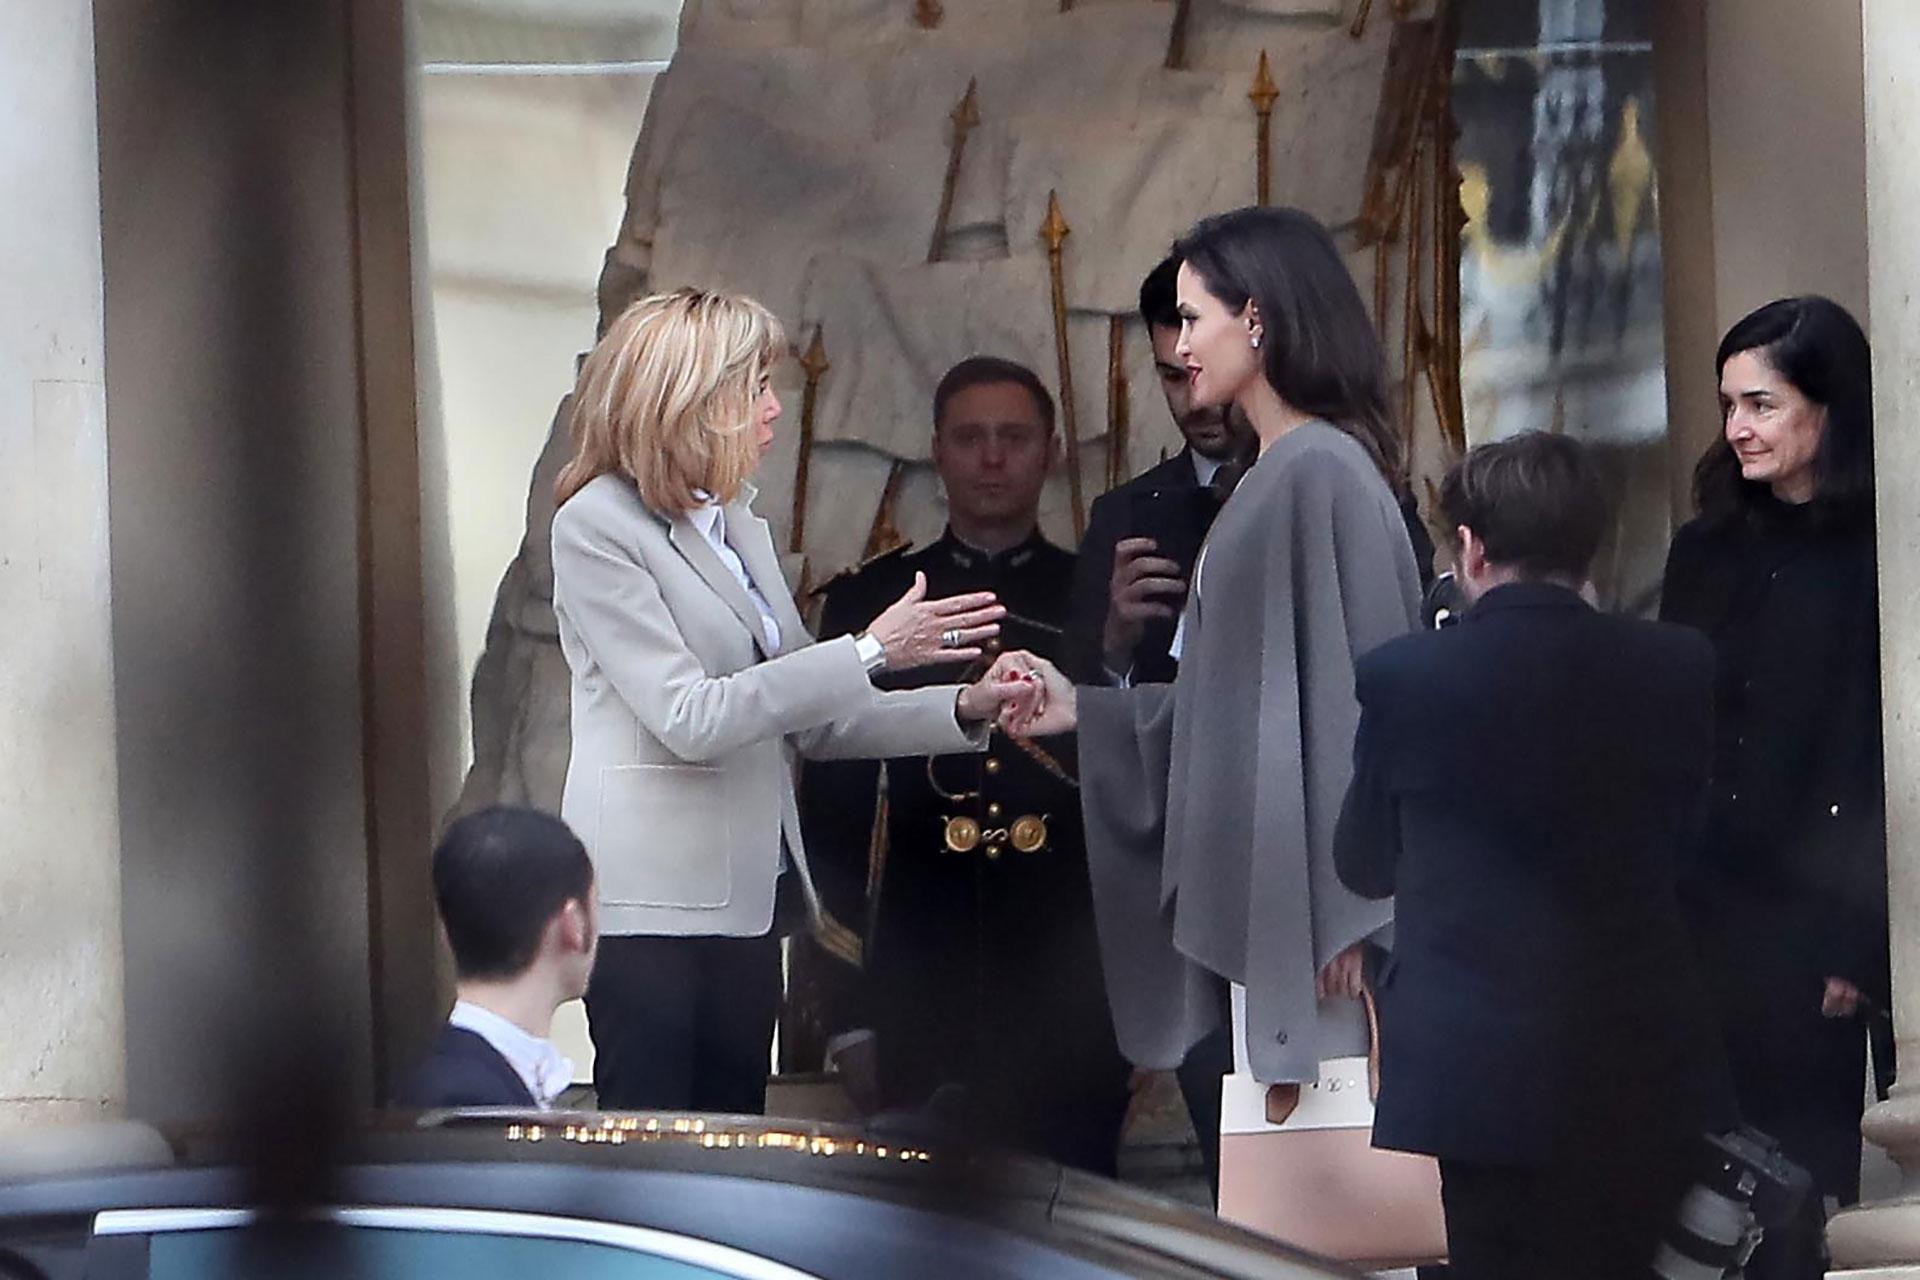 Angelina Jolie aterrizó en París en compañía de sus hijos, junto a quienes recorrió la ciudad. Más tarde, asistió al encuentro con Brigitte Macron, con quien conversó sobre violencia de género y temas relacionados con la educación